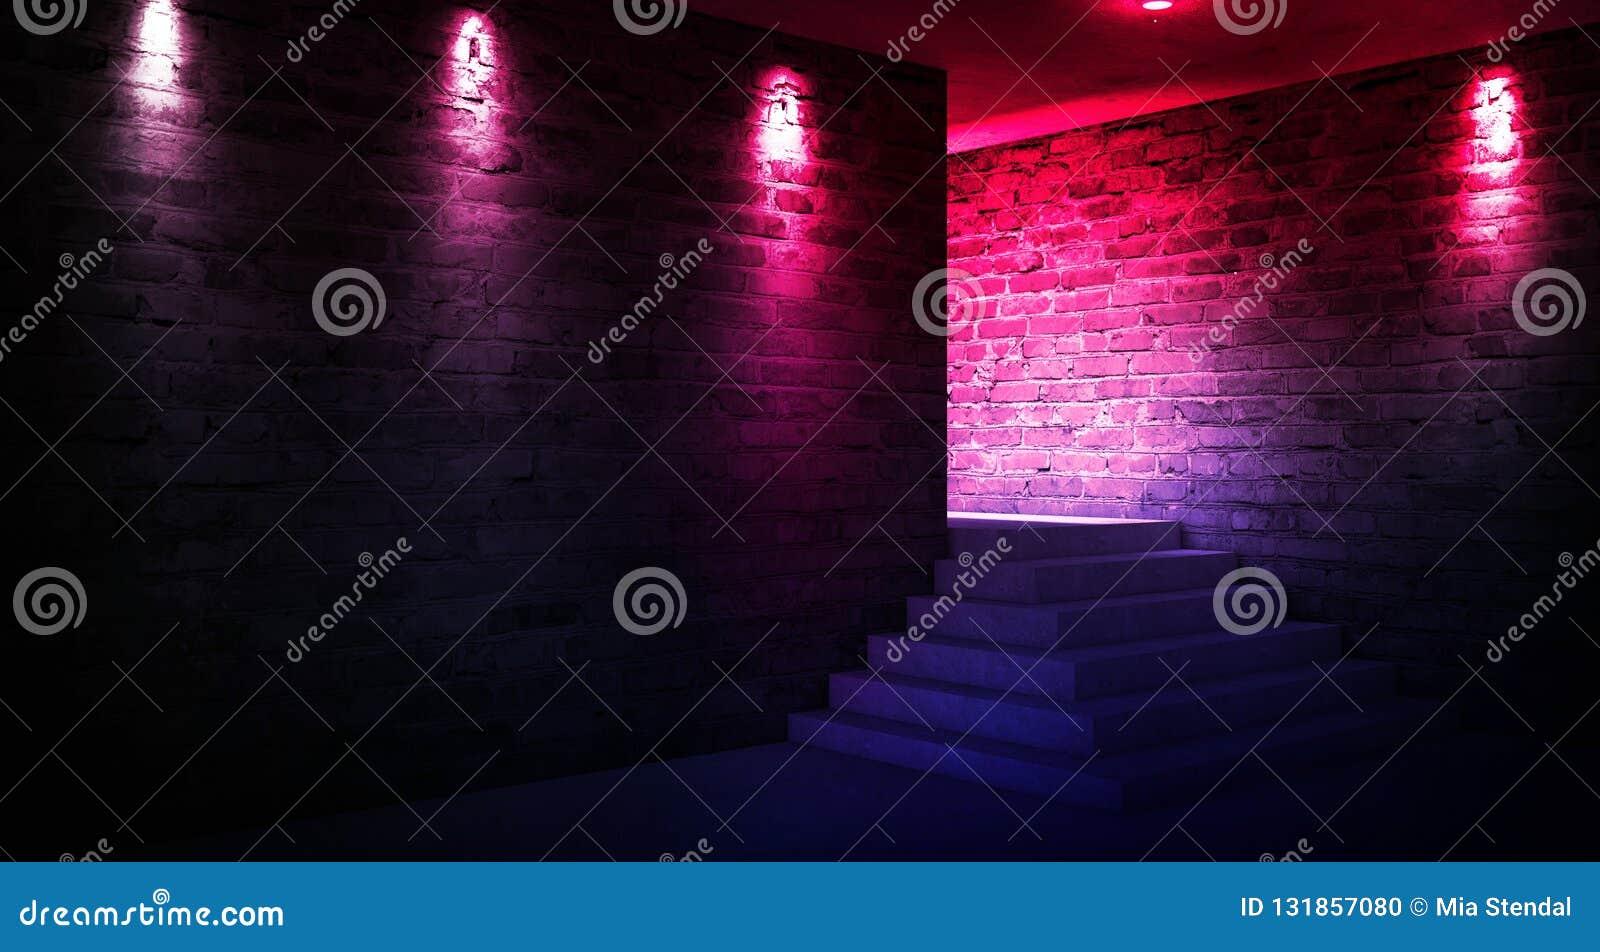 Achtergrond van een lege zwarte gang met neonlicht Abstracte achtergrond met lijnen en gloed